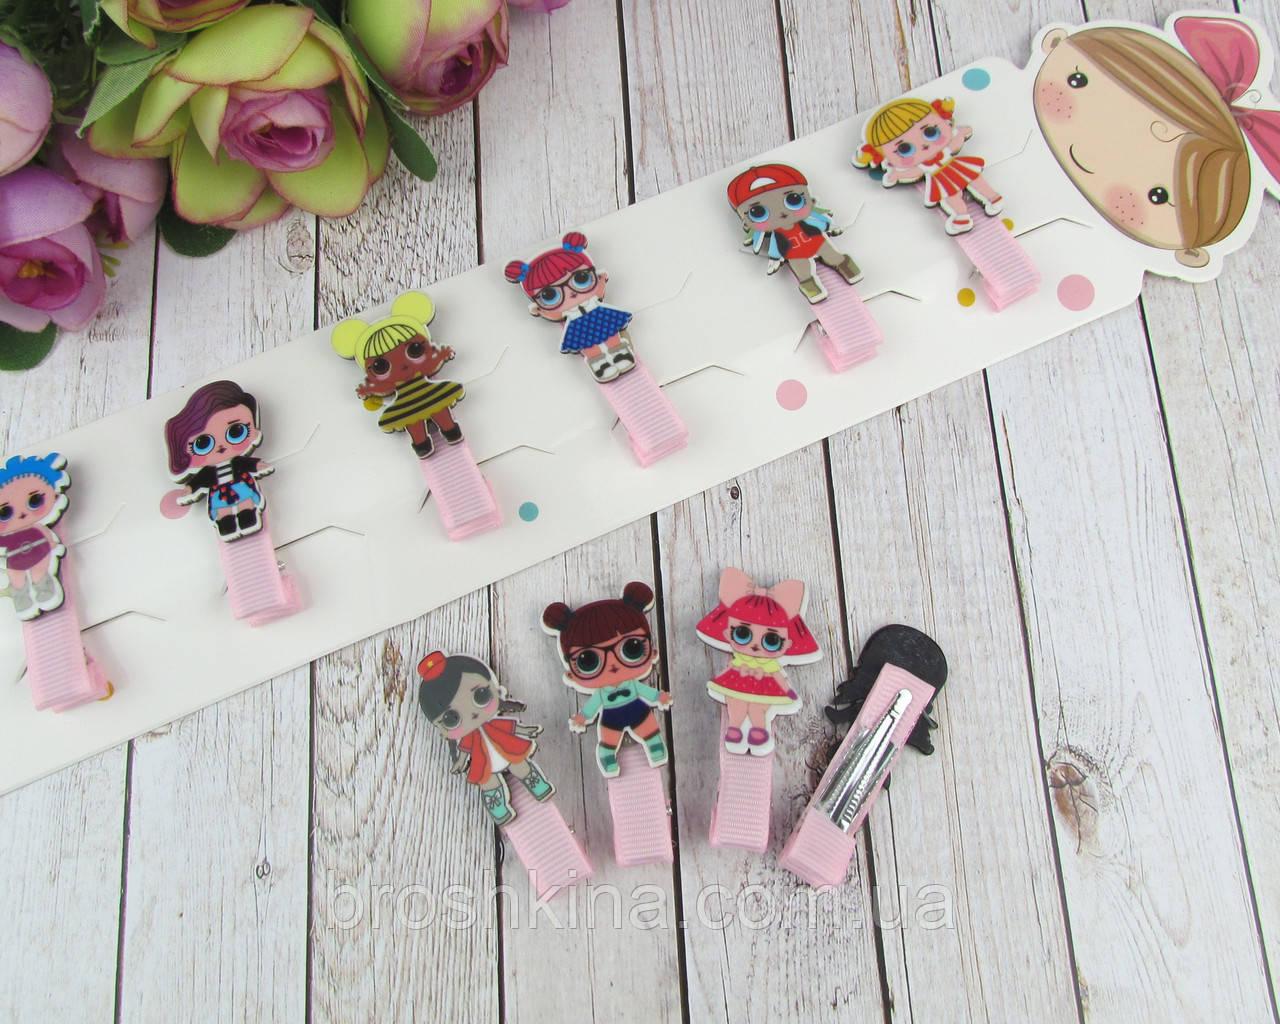 Детские заколки-уточки для волос куклы LOL 5 см микс 10 шт/уп.